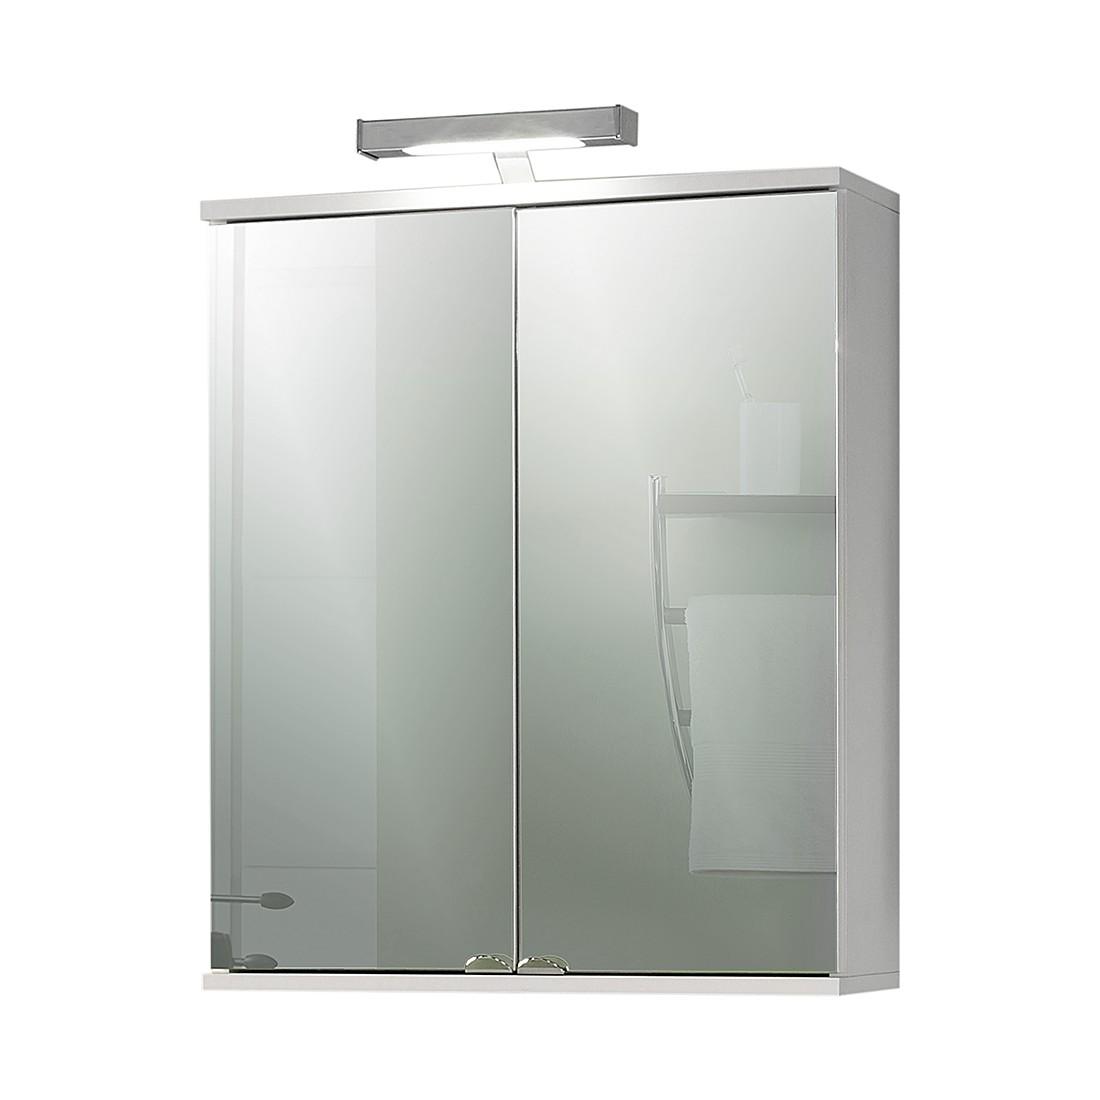 spiegelschrank welnezz mit led beleuchtung weiss perl giessbach kaufen. Black Bedroom Furniture Sets. Home Design Ideas